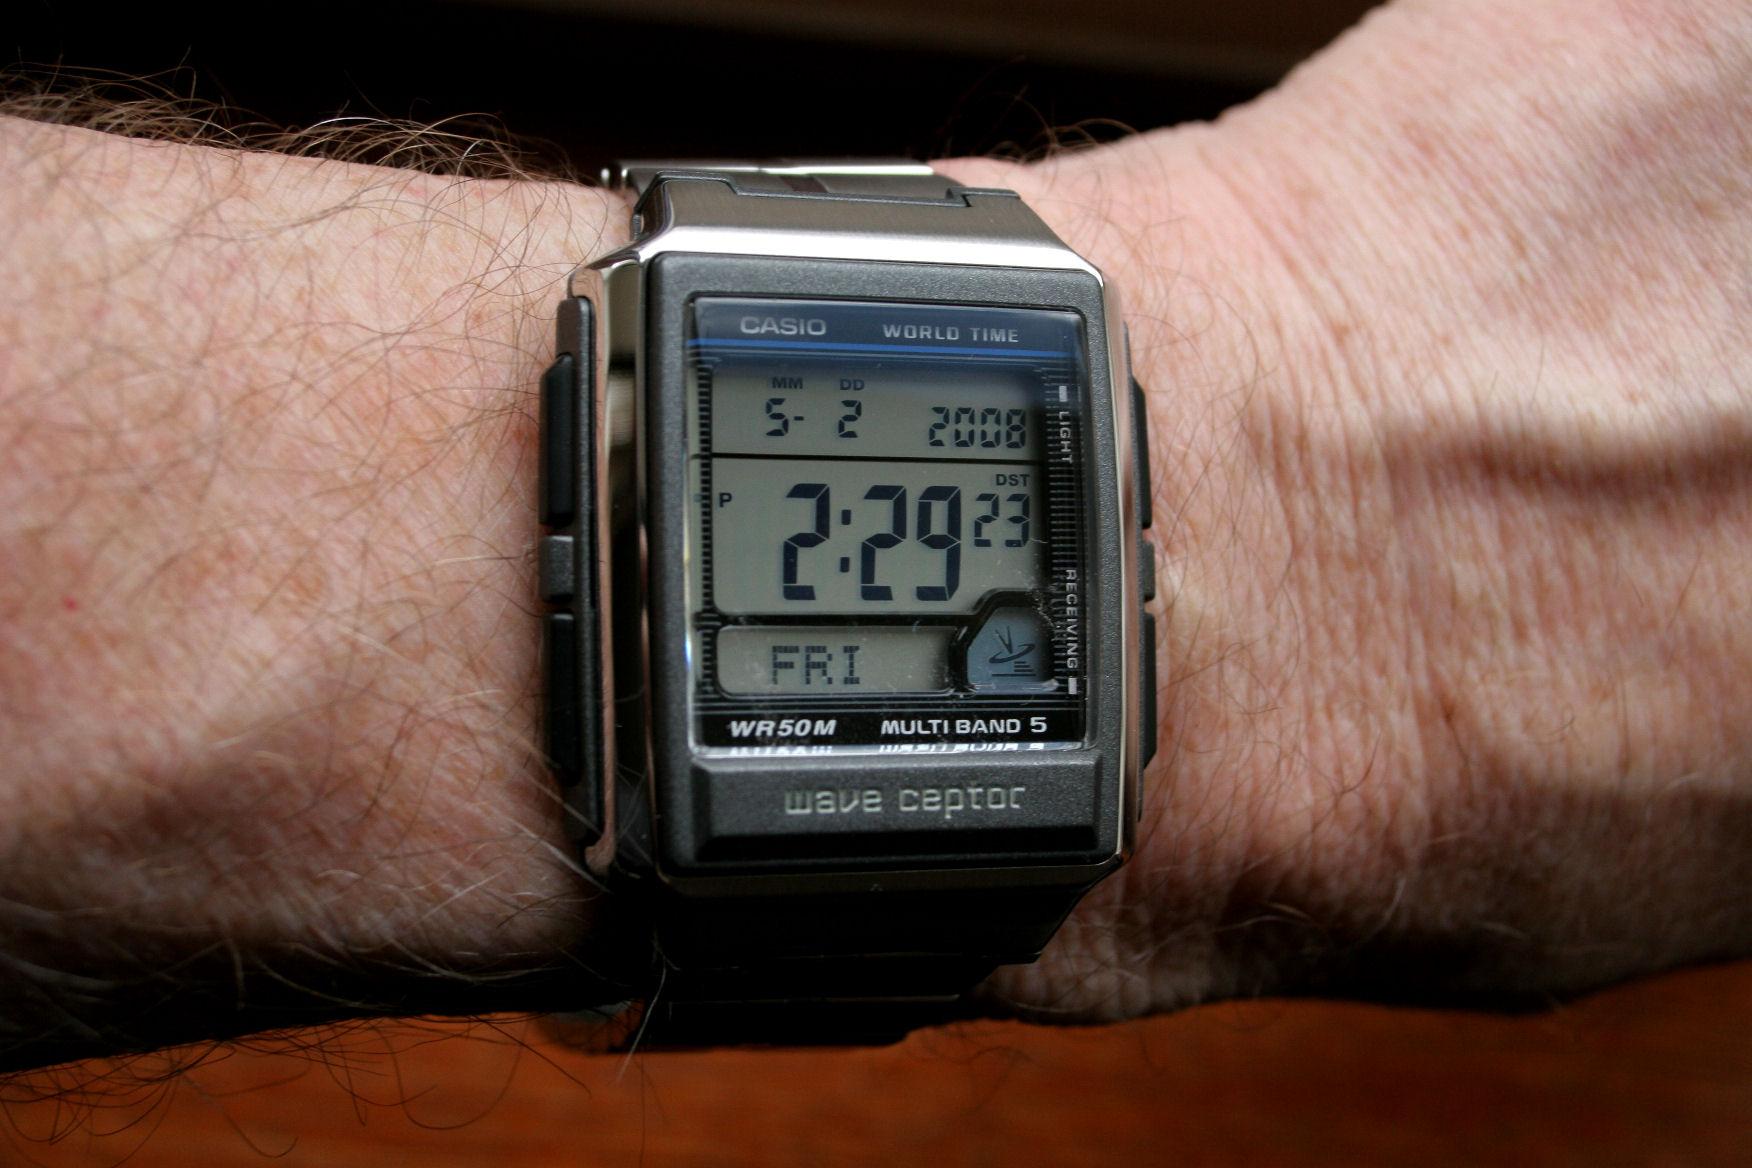 Casio Atomic 5 receiver watch